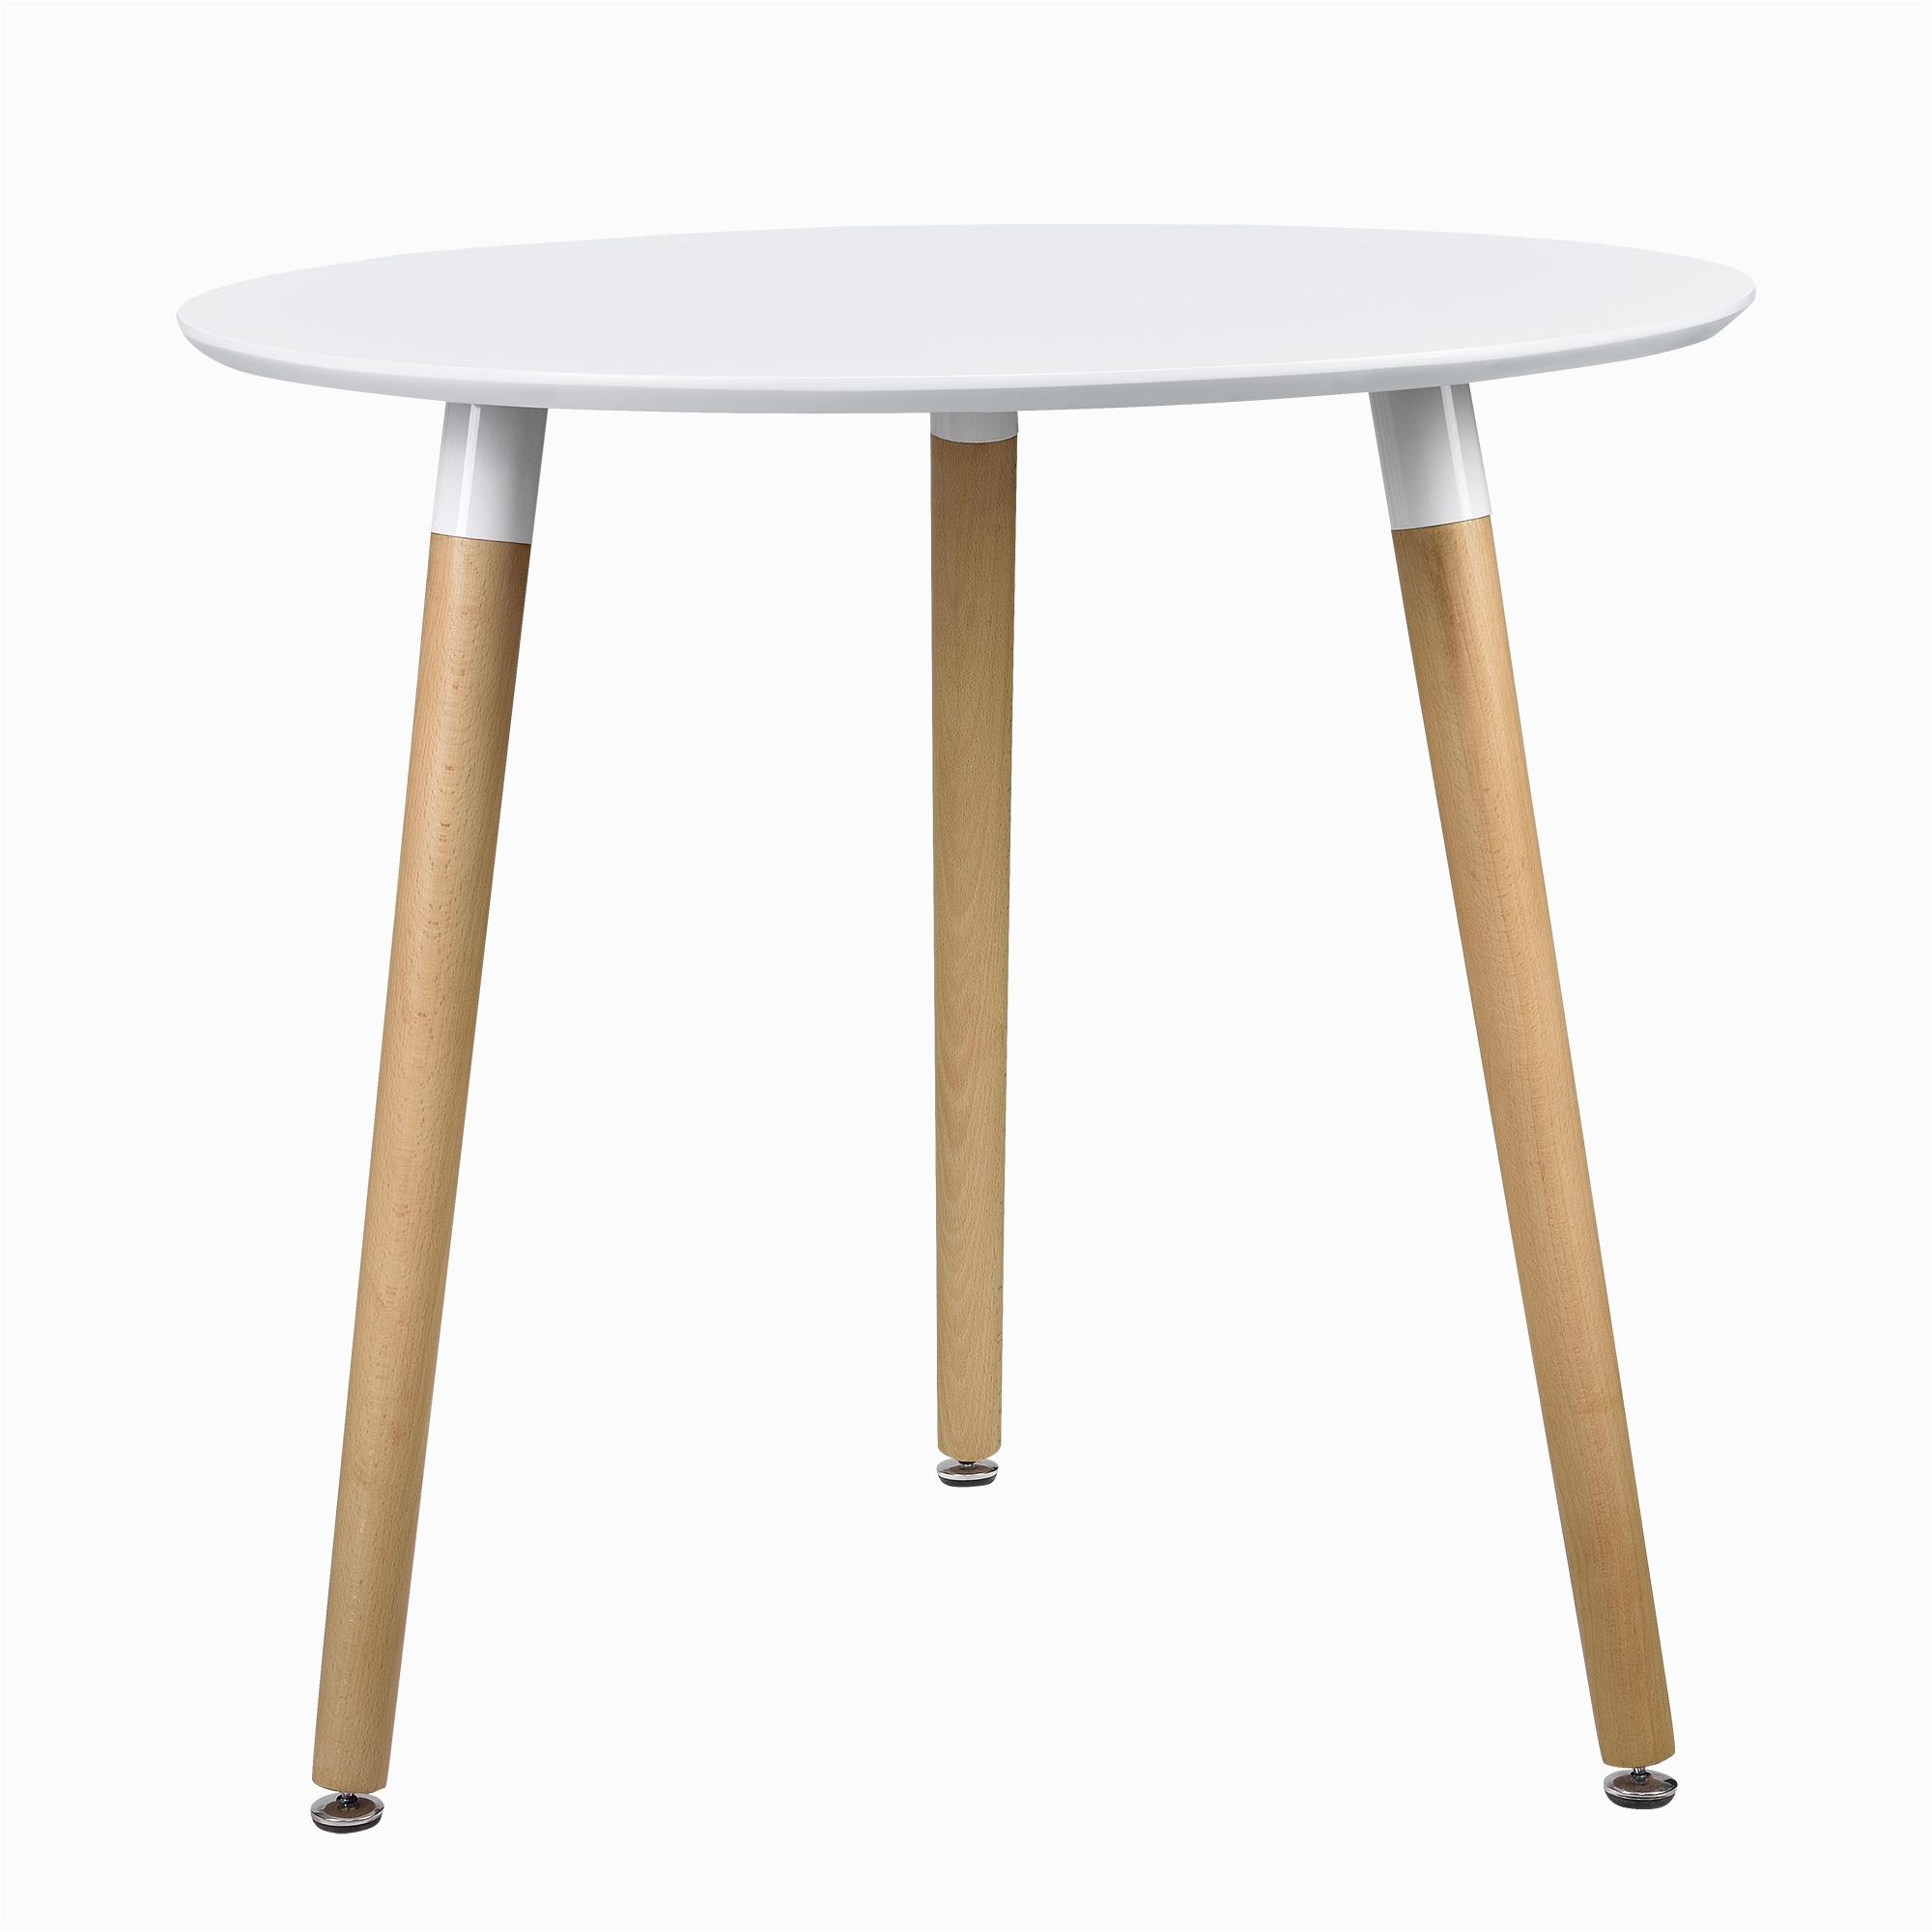 Esstisch Rund In Weiss [ensa] Esstisch Rund Weiß [h 75cmxØ80cm] Holz Tisch